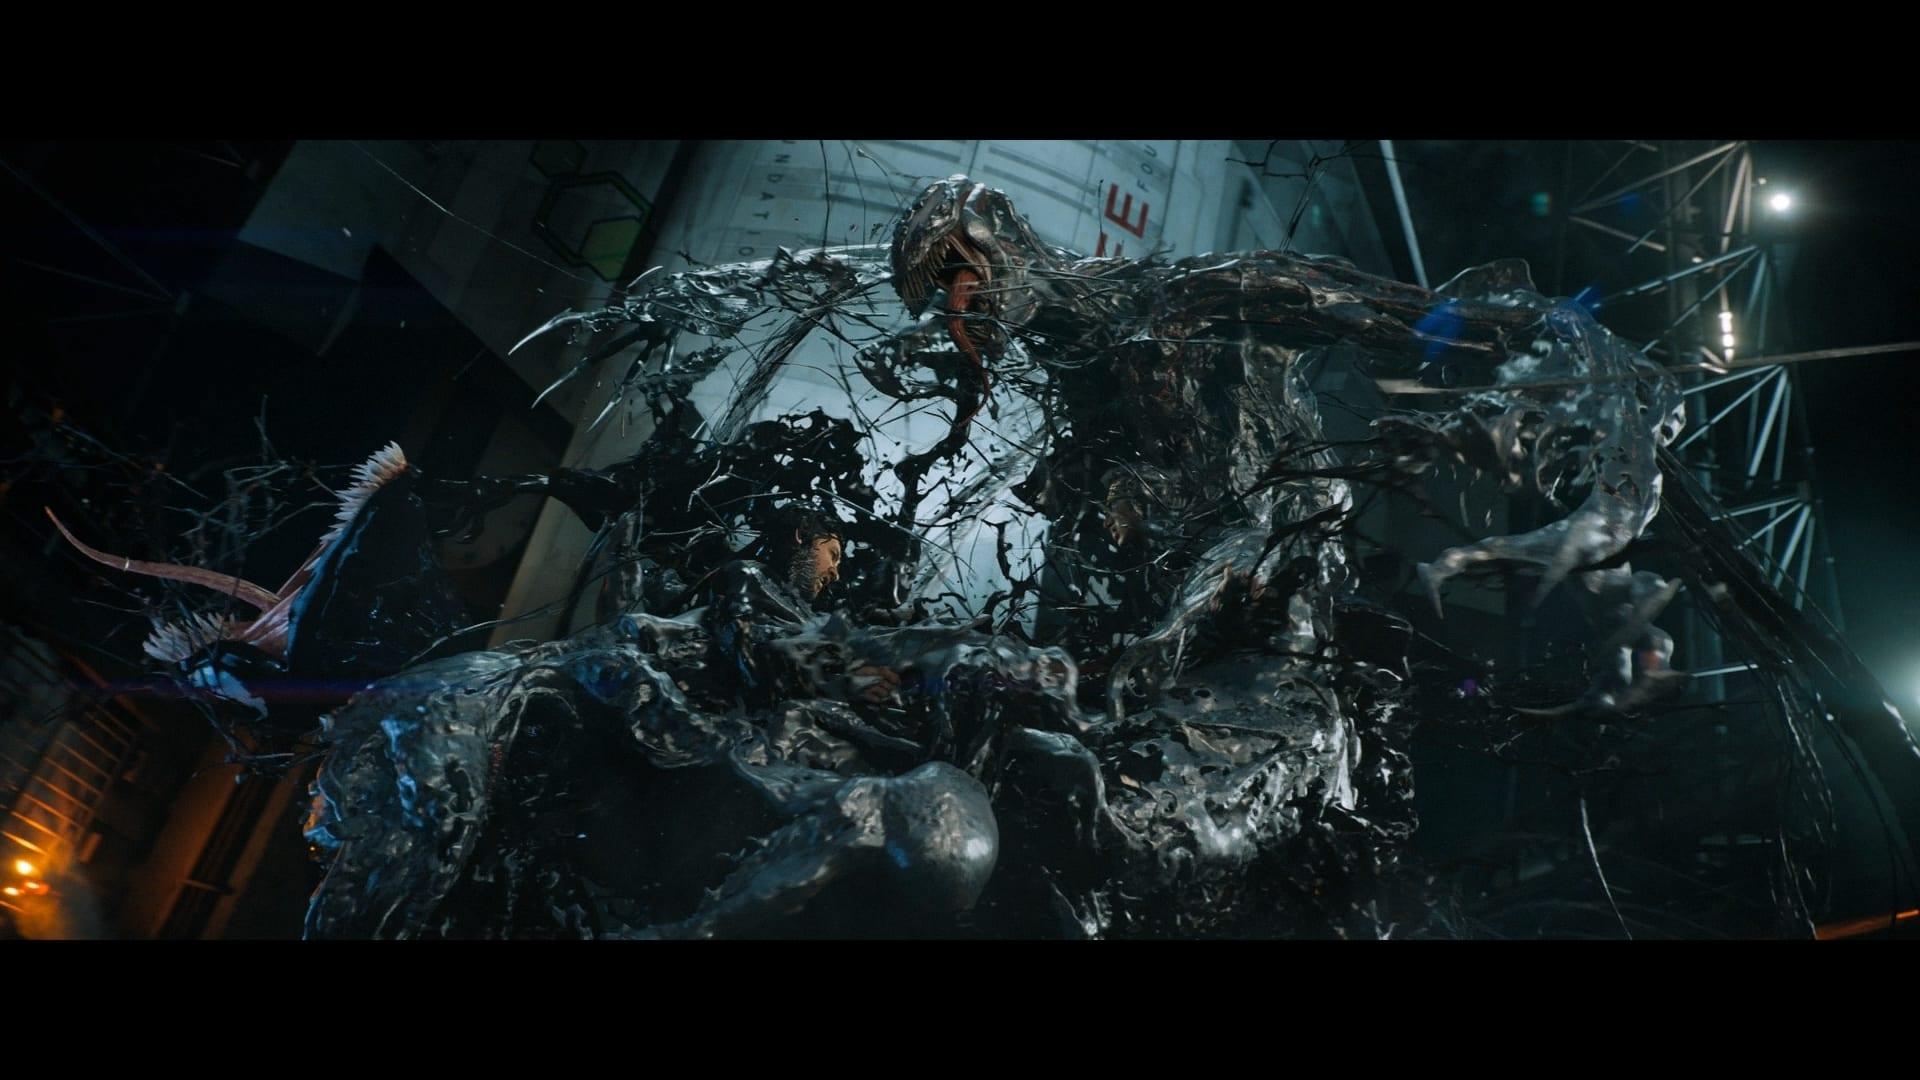 Venom Nous Sommes 4k Tests Blu Ray 4k Ultra Hd Digitalcine